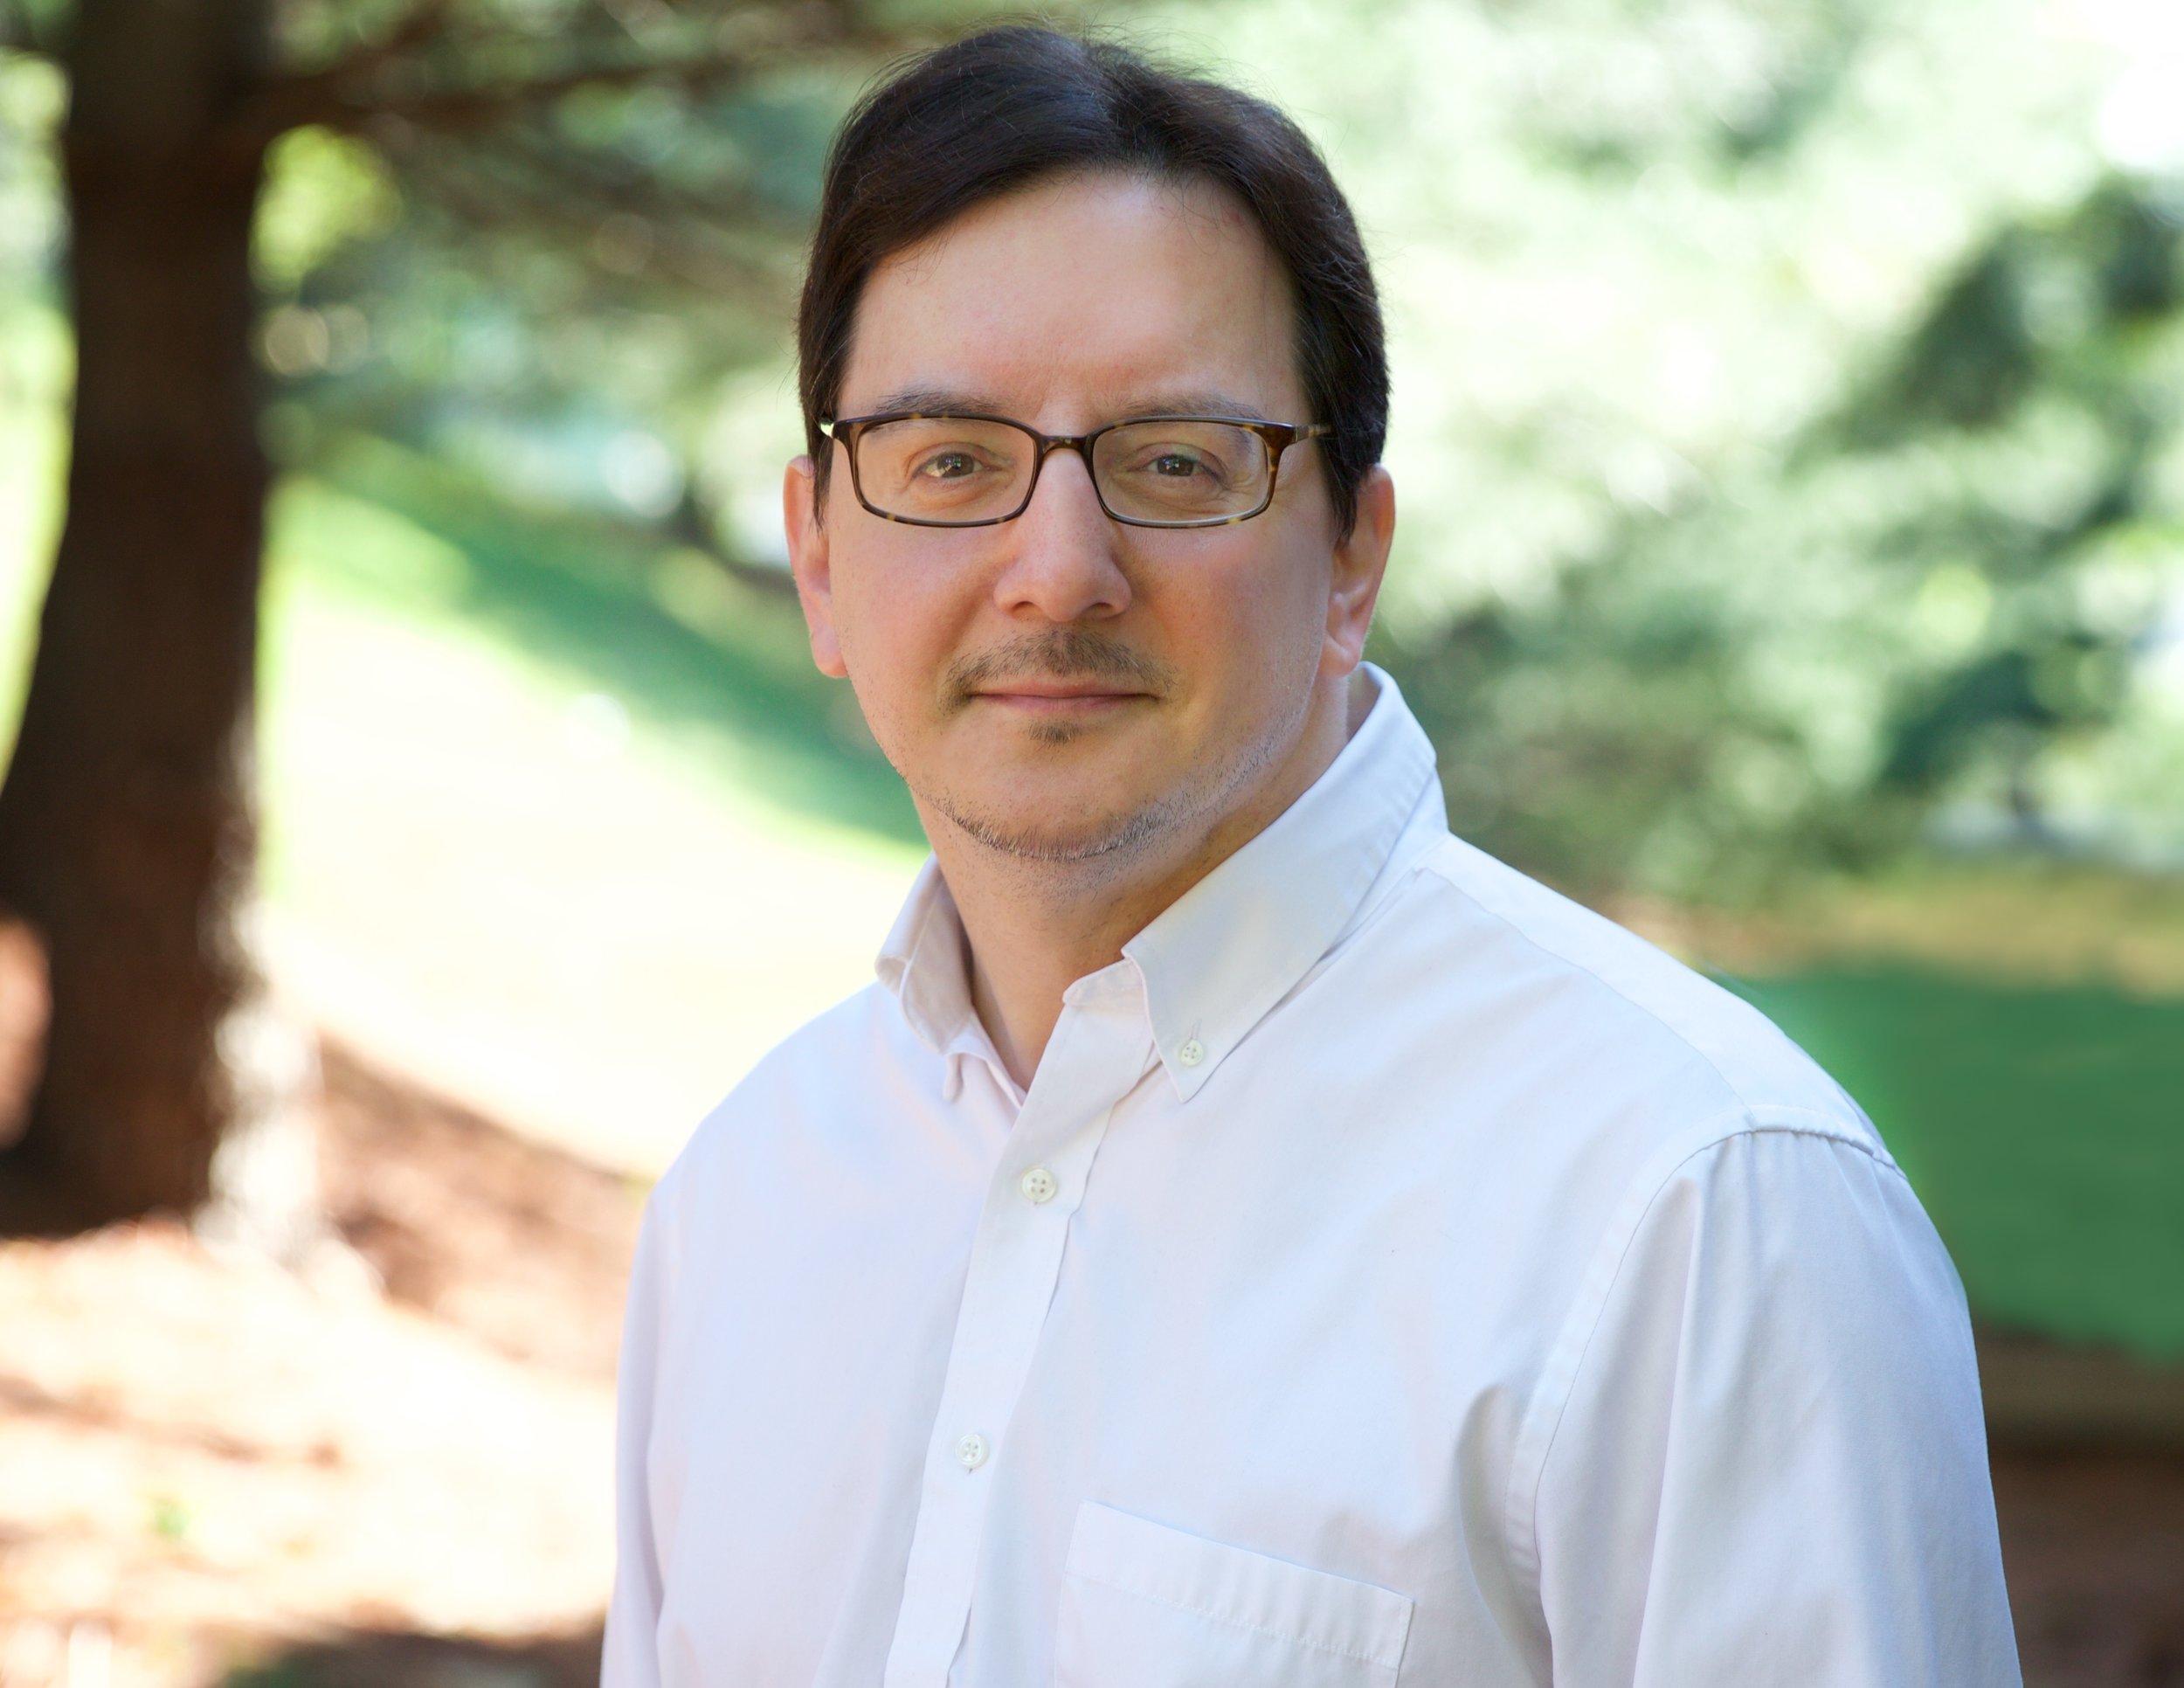 Dan Kalinowski Creative Director